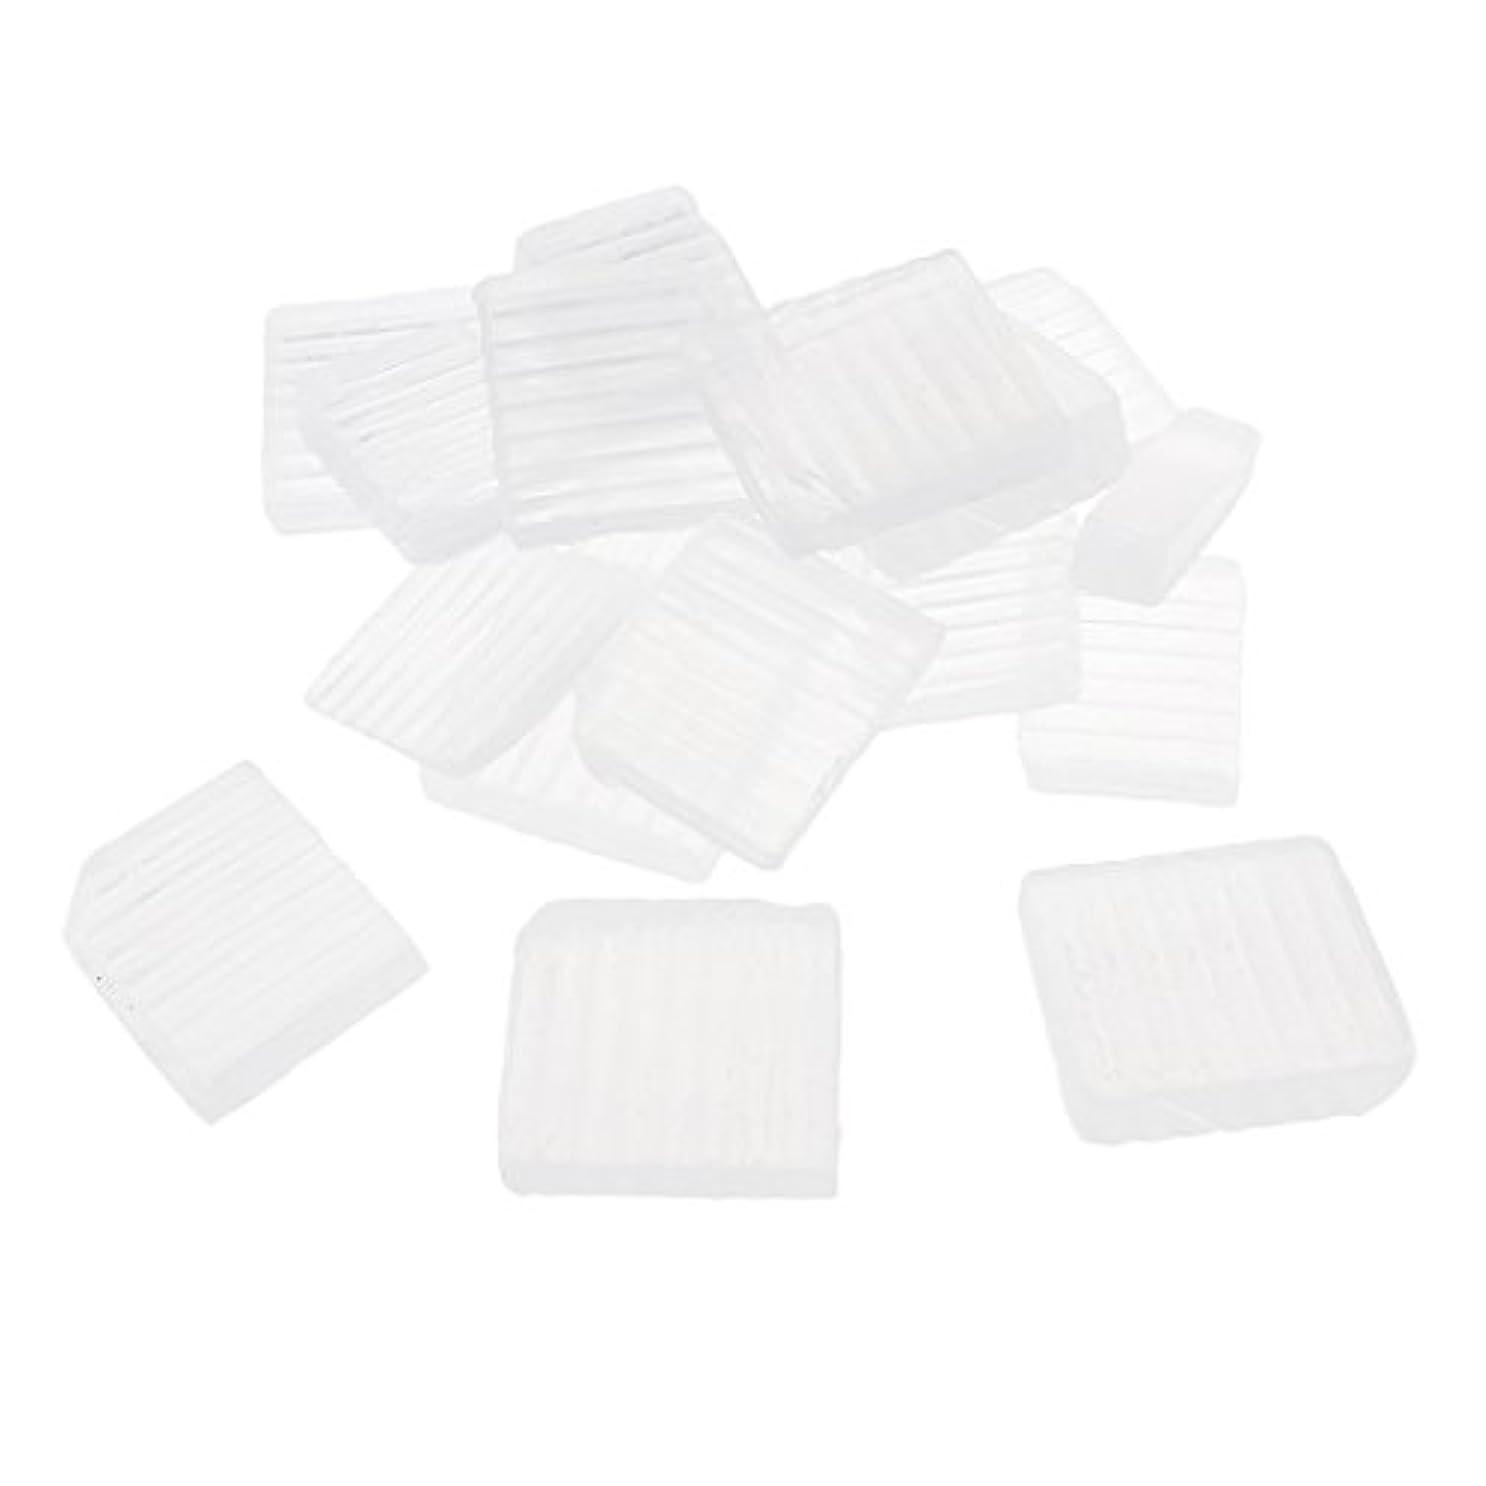 熱心名門味わう石鹸ベース DIY 石鹸作り プアソープベース 石鹸クラフト 手作り 約1 KG